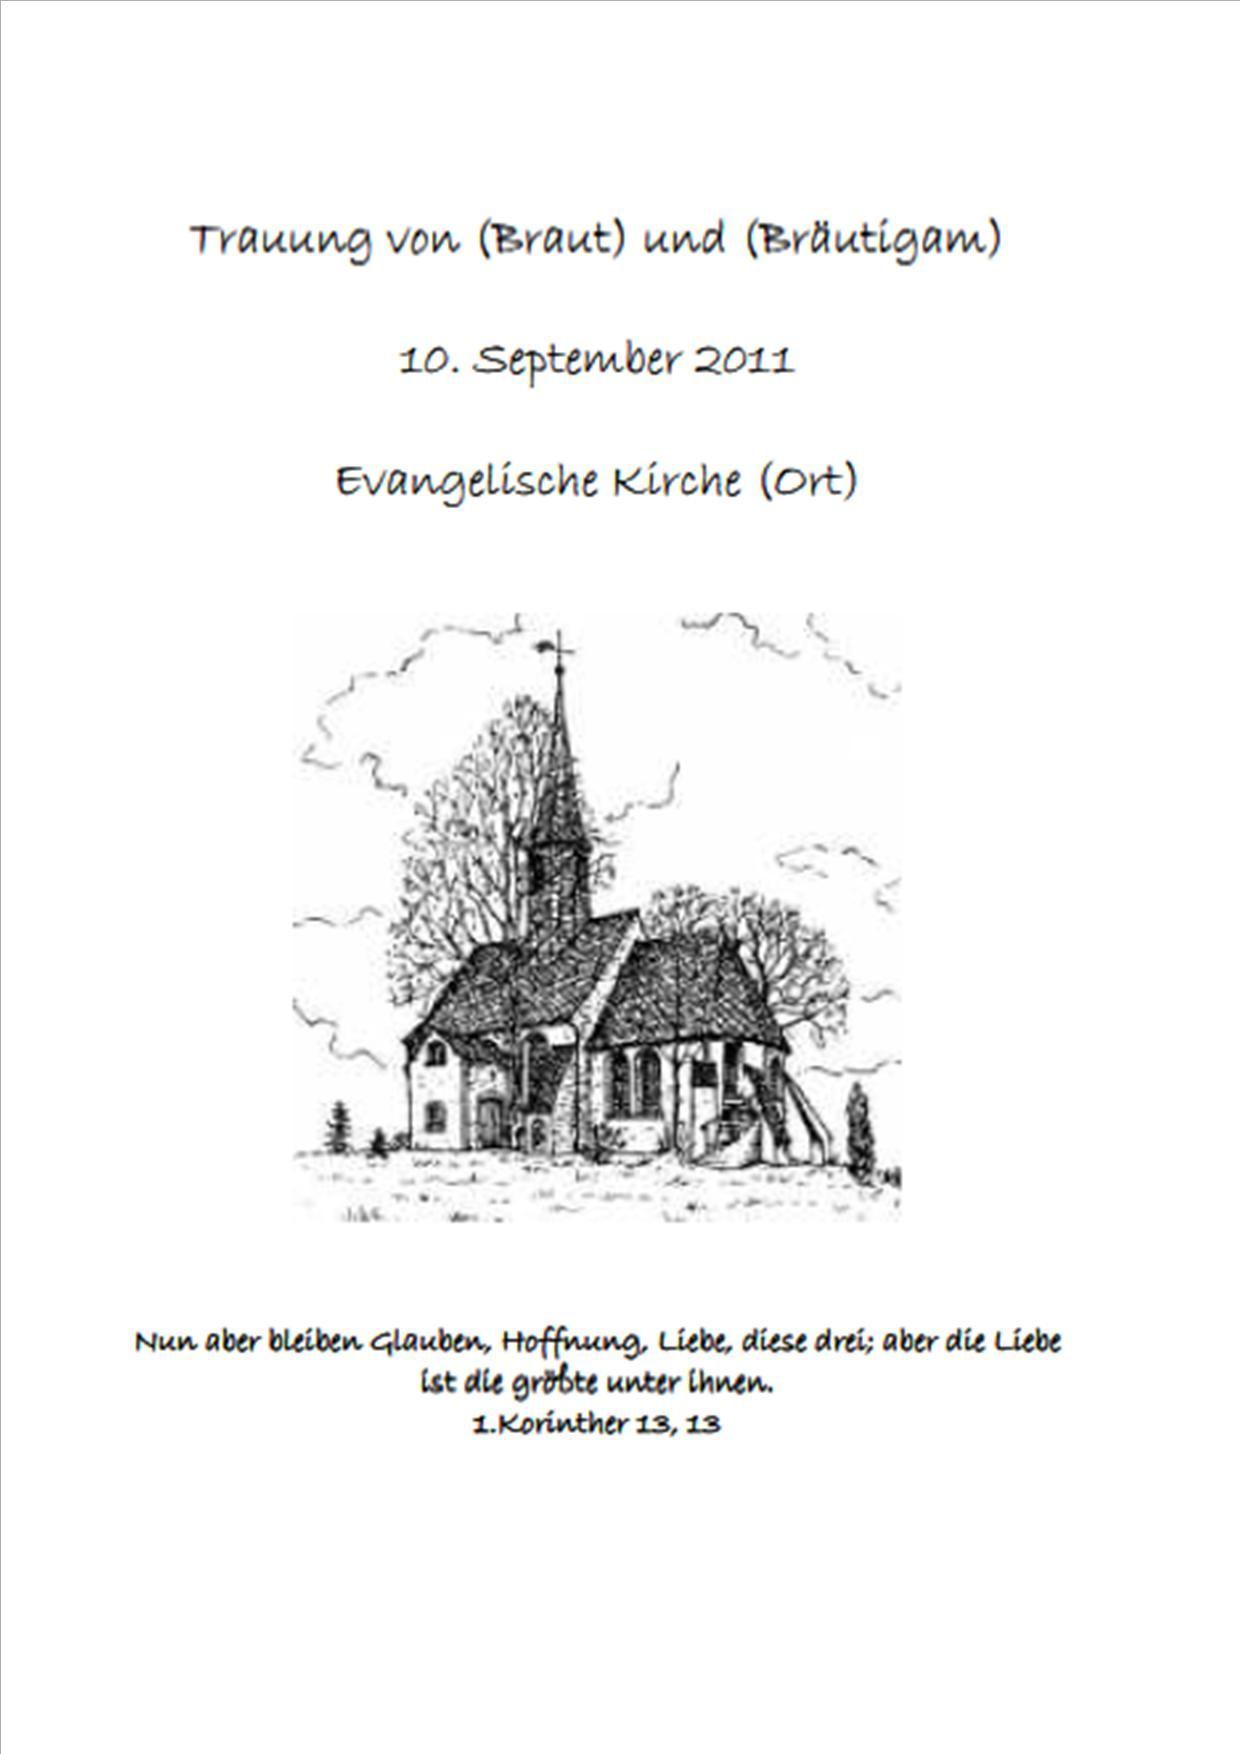 Die 20 Schonsten Lieder Fur Hochzeitstanz Bzw Hochzeitswalzer Kirchenlieder Hochzeit Lieder Hochzeit Kirche Hochzeit Kirche